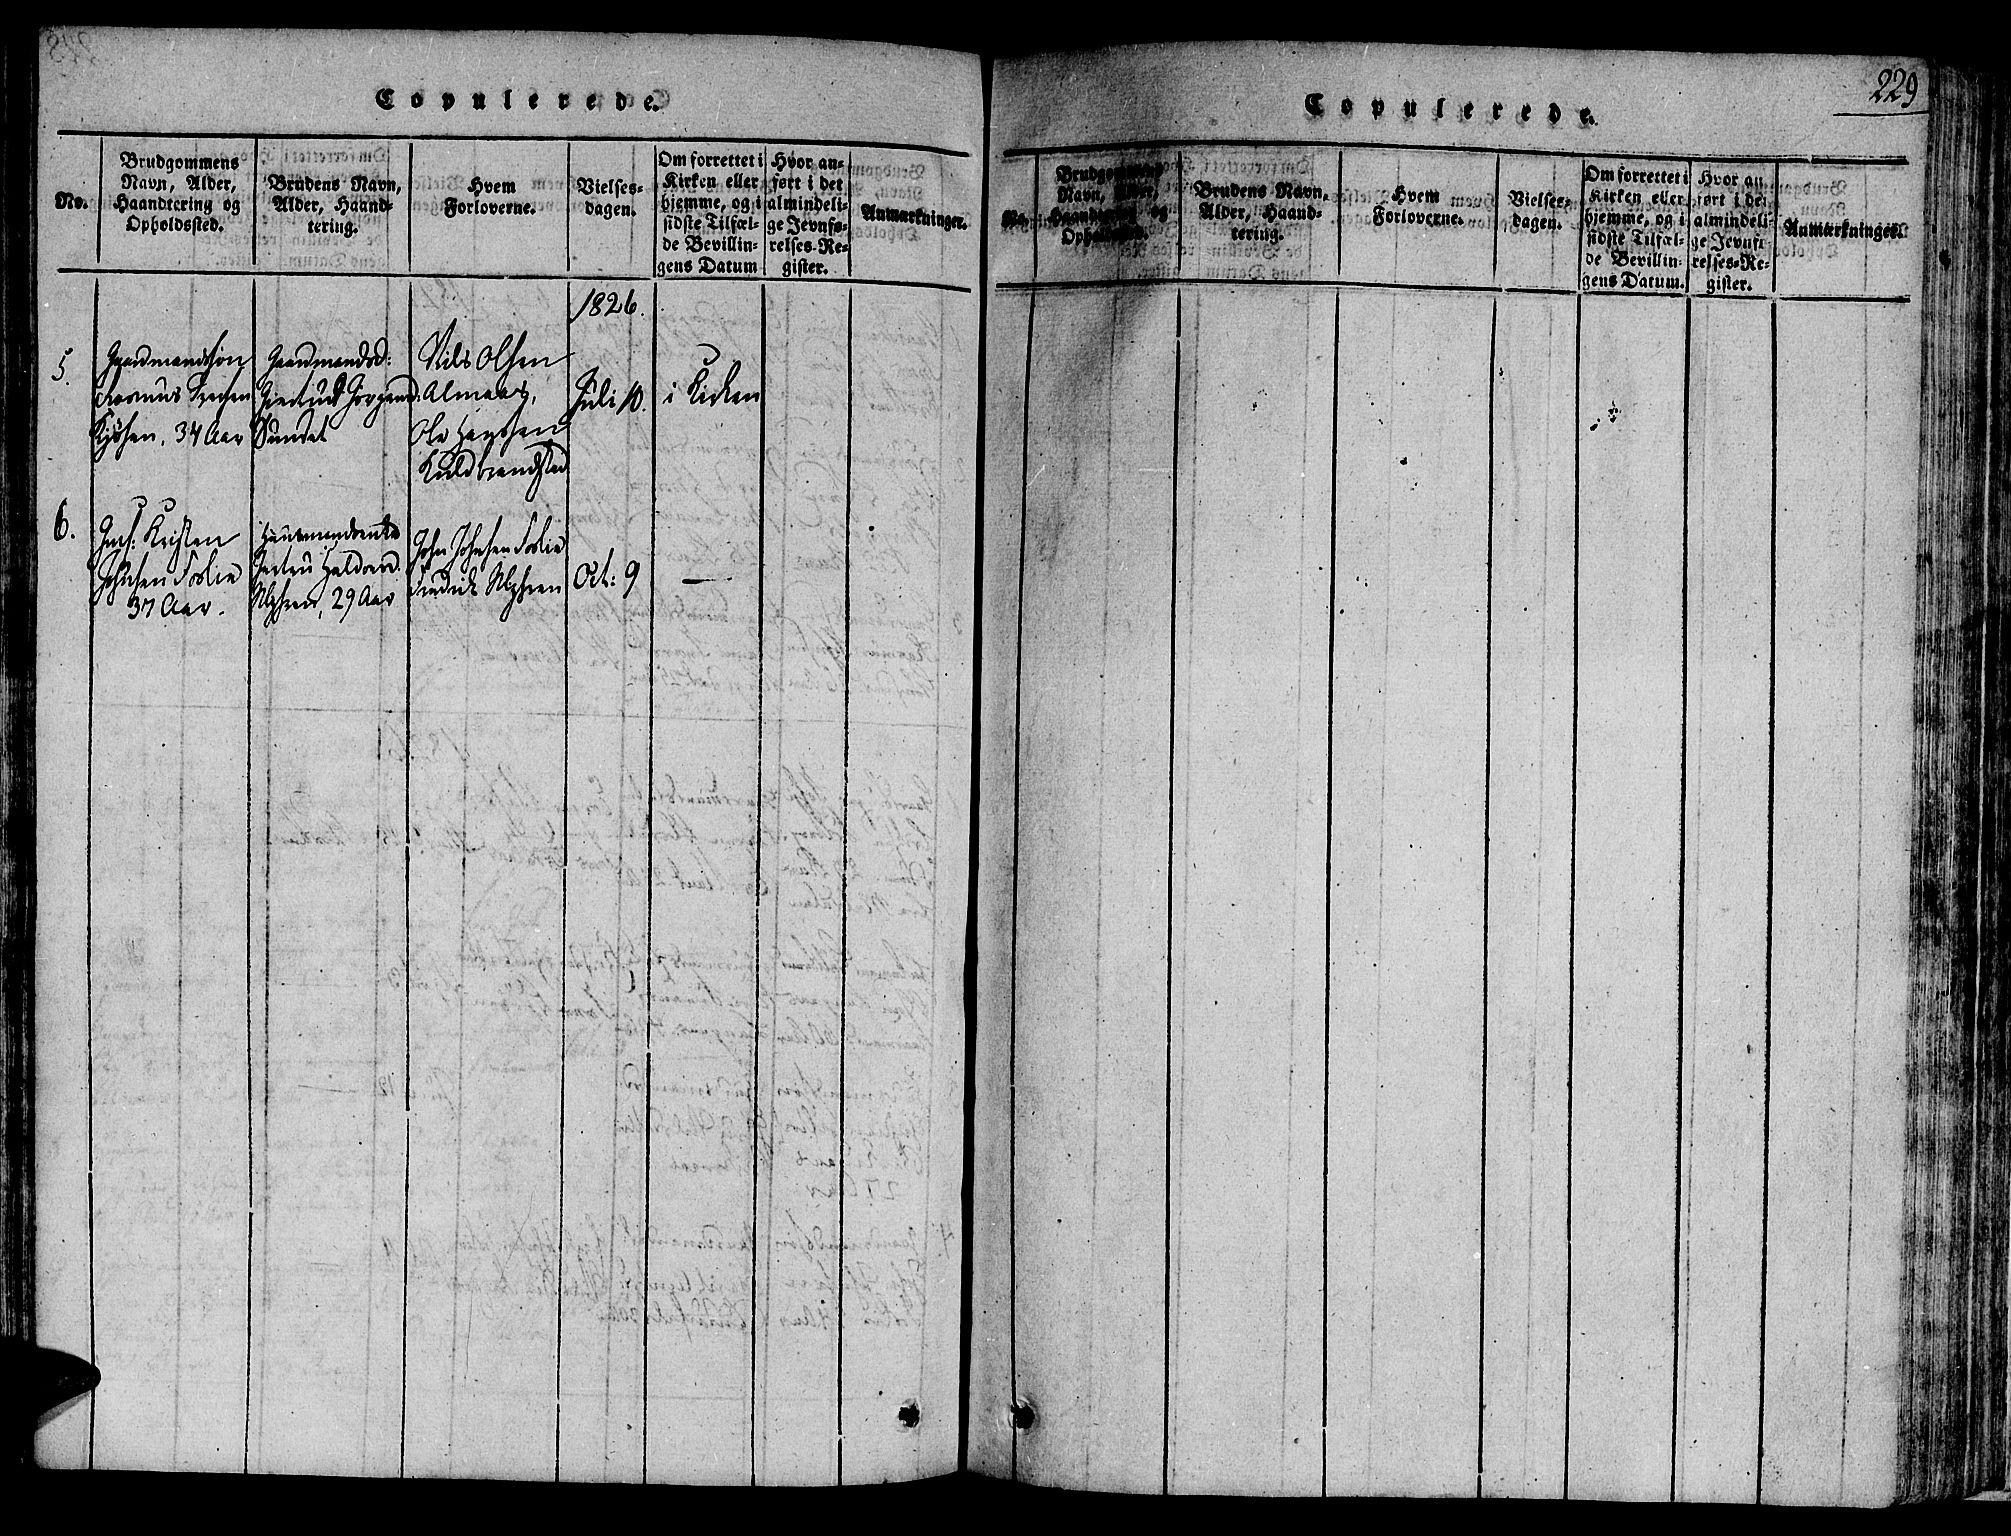 SAT, Ministerialprotokoller, klokkerbøker og fødselsregistre - Sør-Trøndelag, 691/L1068: Ministerialbok nr. 691A03 /4, 1816-1826, s. 229